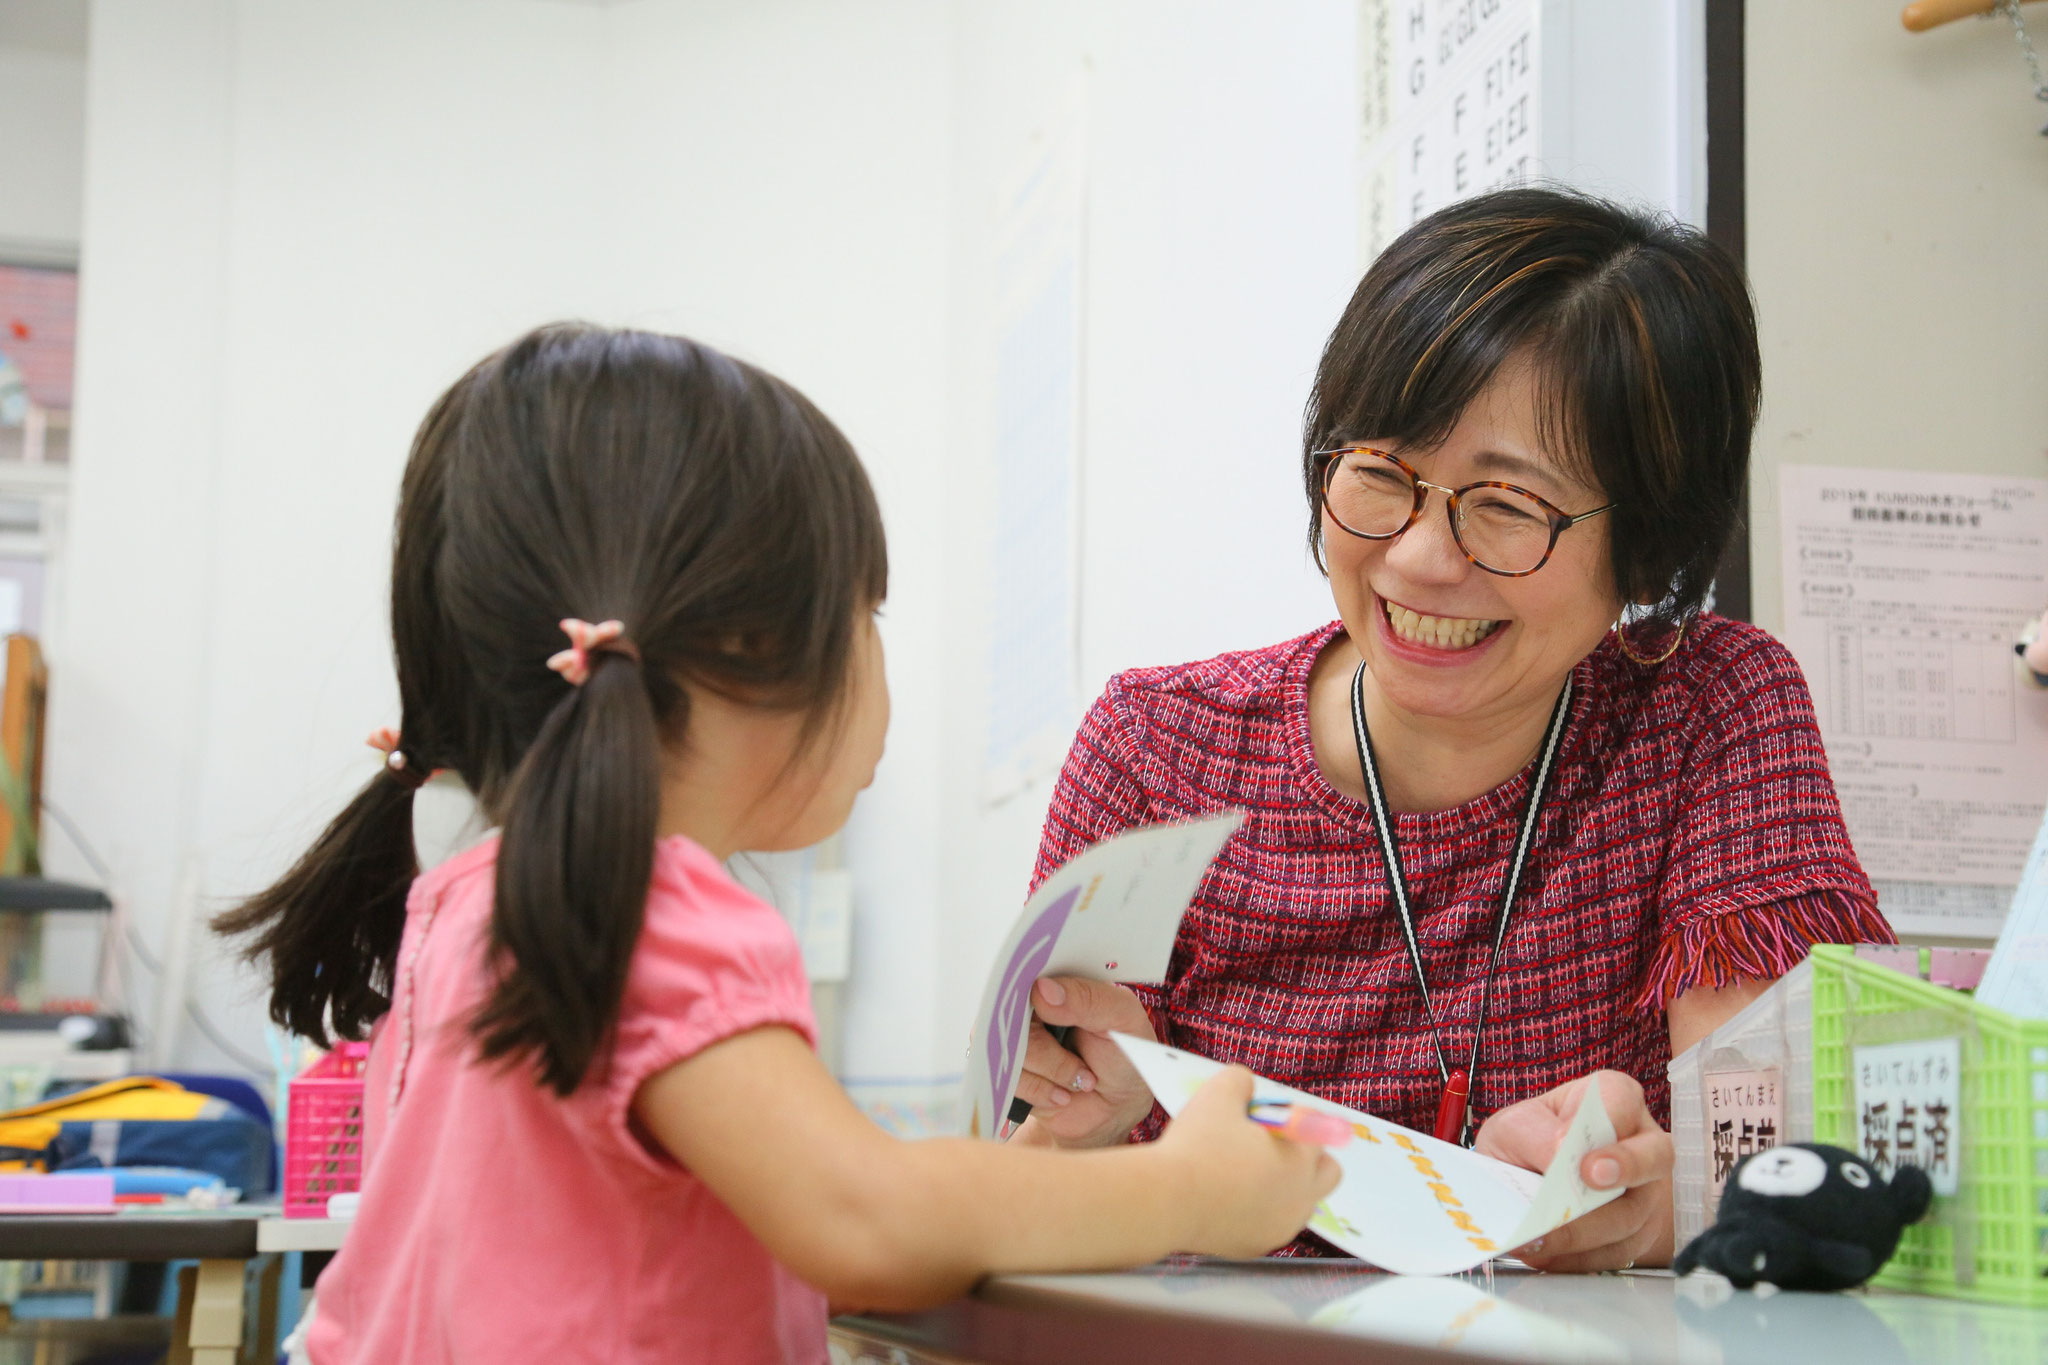 2才でも小学生と学習ができますよ!(3歳になり文字も数字も読めて書けるようになりました)